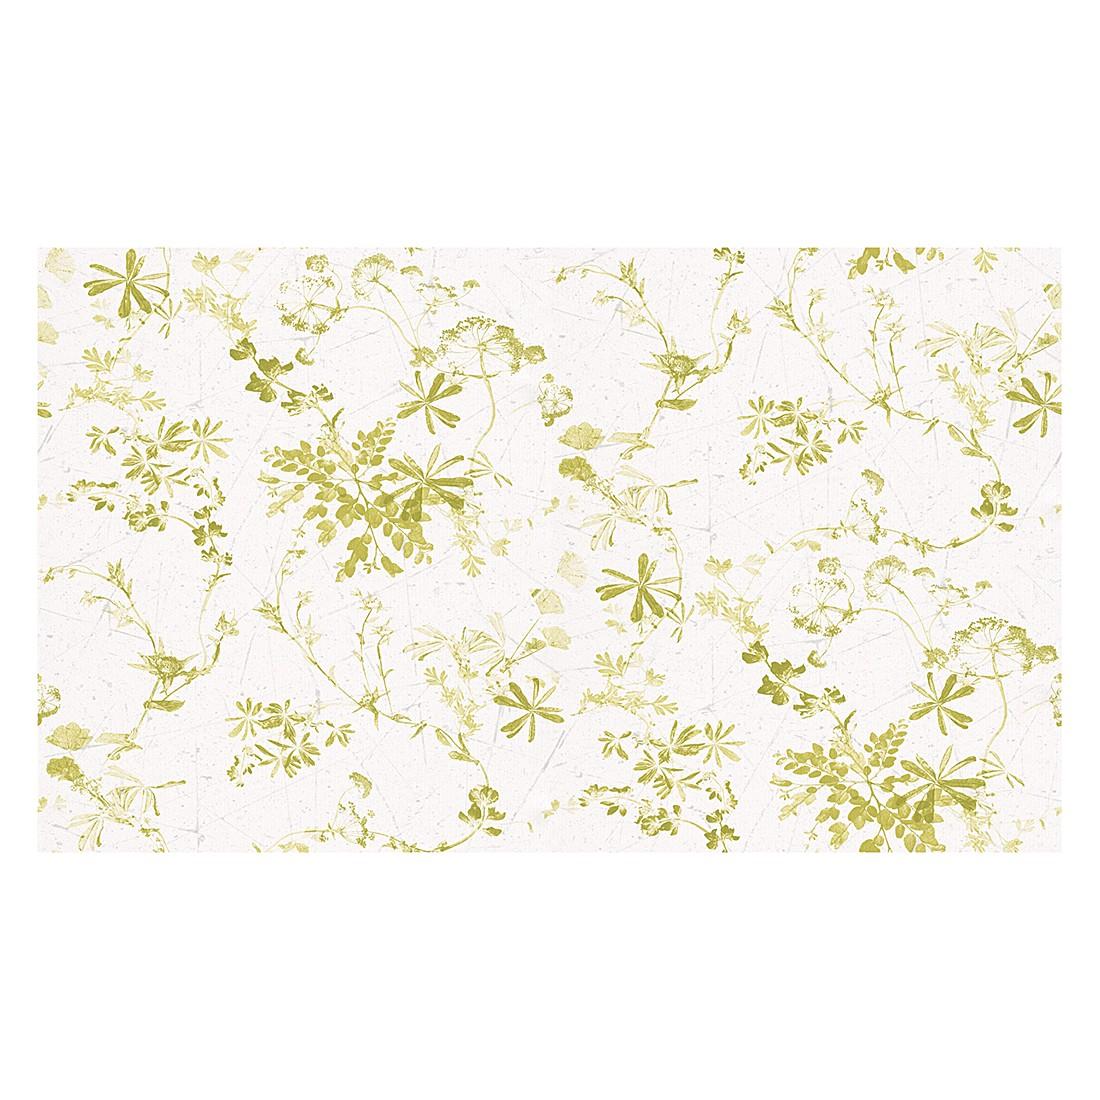 Papiertapete Brigitte – verkehrsweiß, hellgelbgrün – fein strukturiert, Brigitte Home kaufen